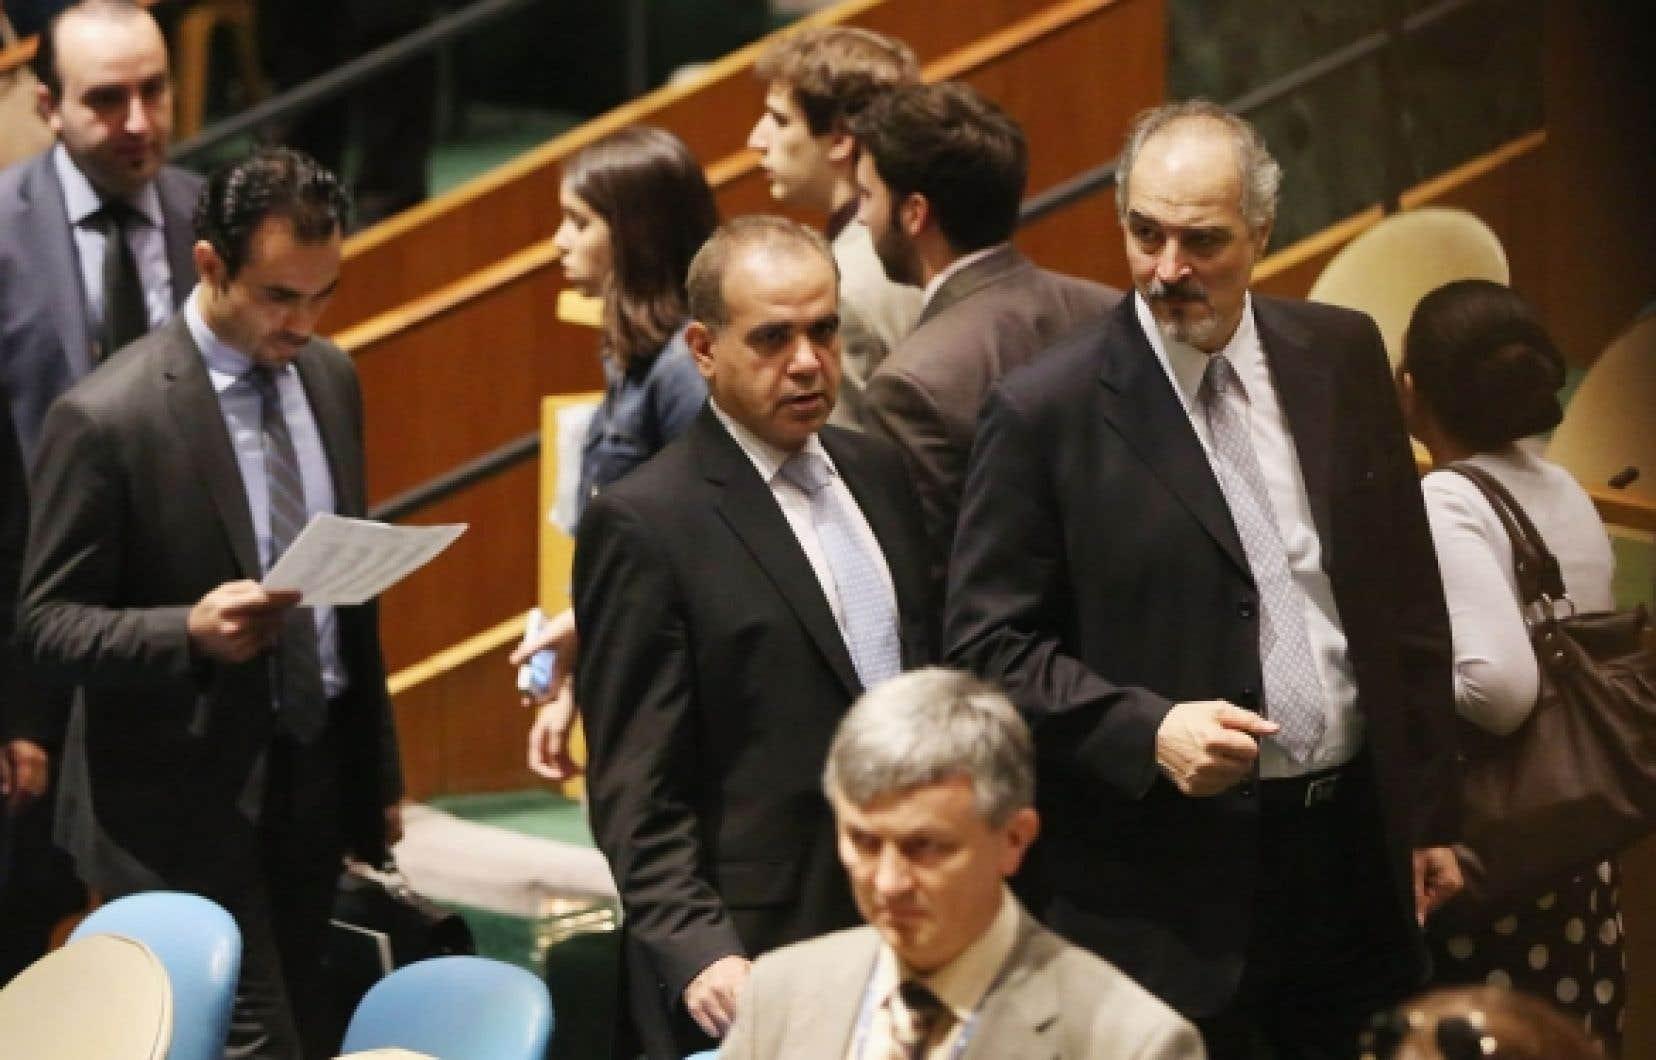 L'ambassadeur syrien Bachar Jaafari (à droite) a dit que la résolution n'aurait «absolument aucun effet».